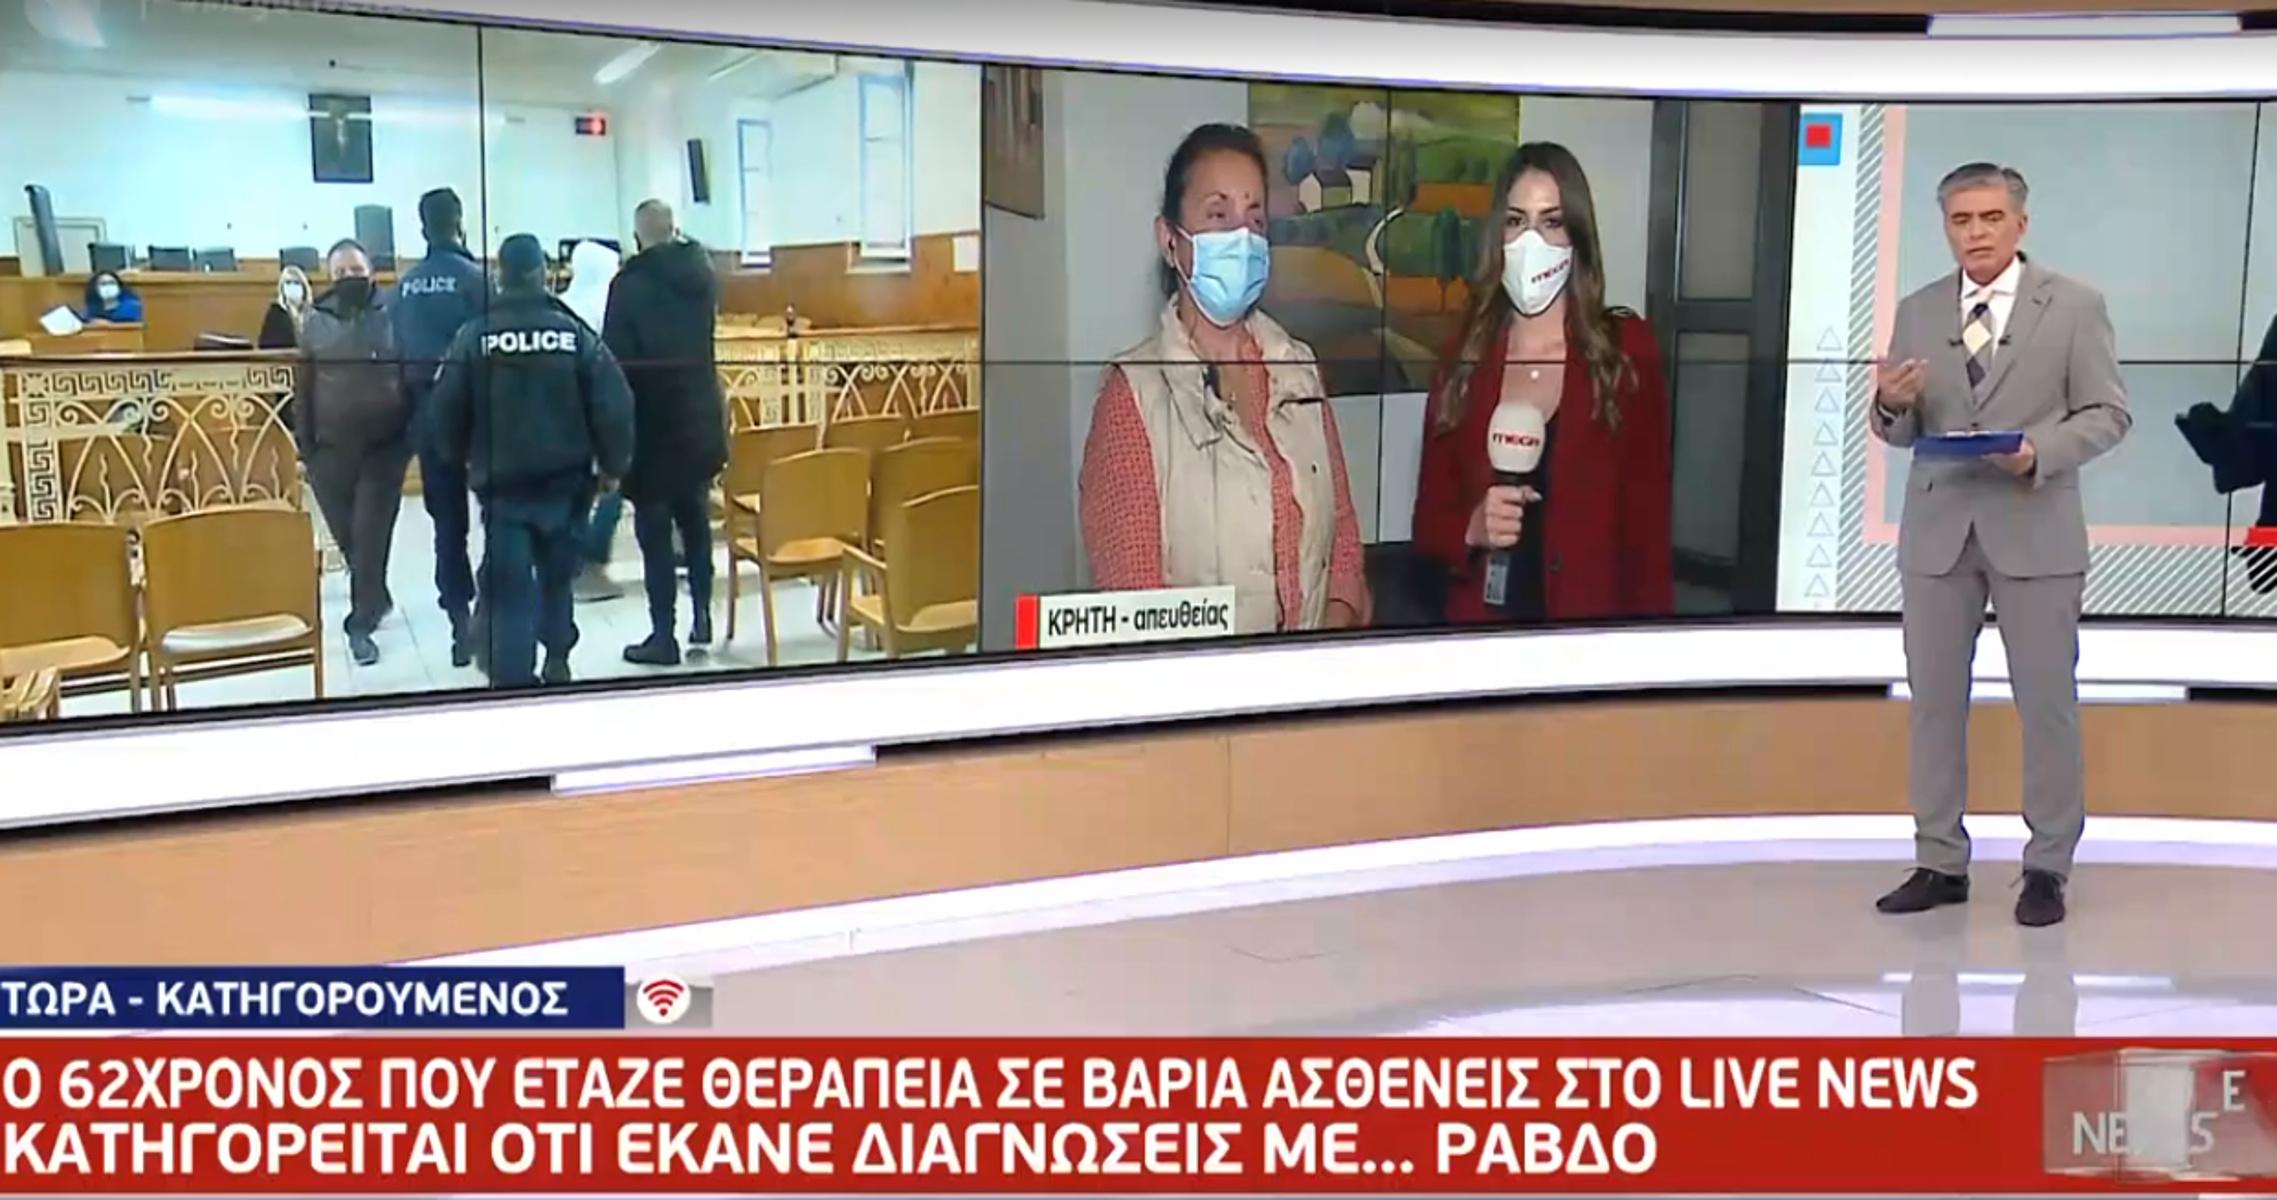 Σάλος με τον ψευτογιατρό που εξέταζε με ράβδο – Τον επισκέφθηκαν 210 ασθενείς